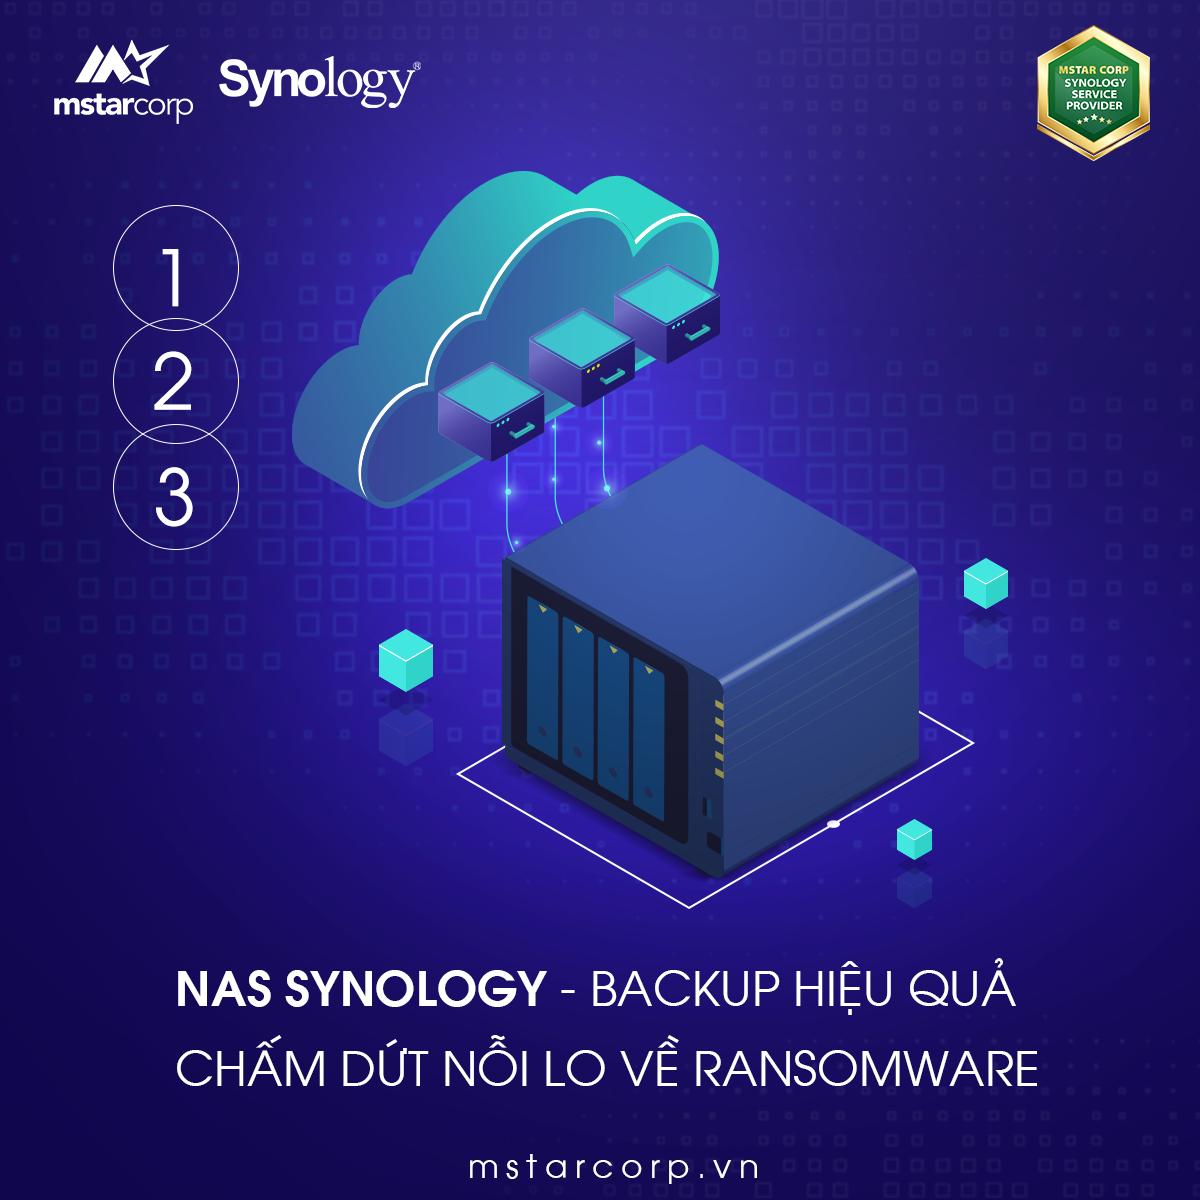 Tối ưu hiệu quả Backup của NAS Synology | Chiến lược Backup